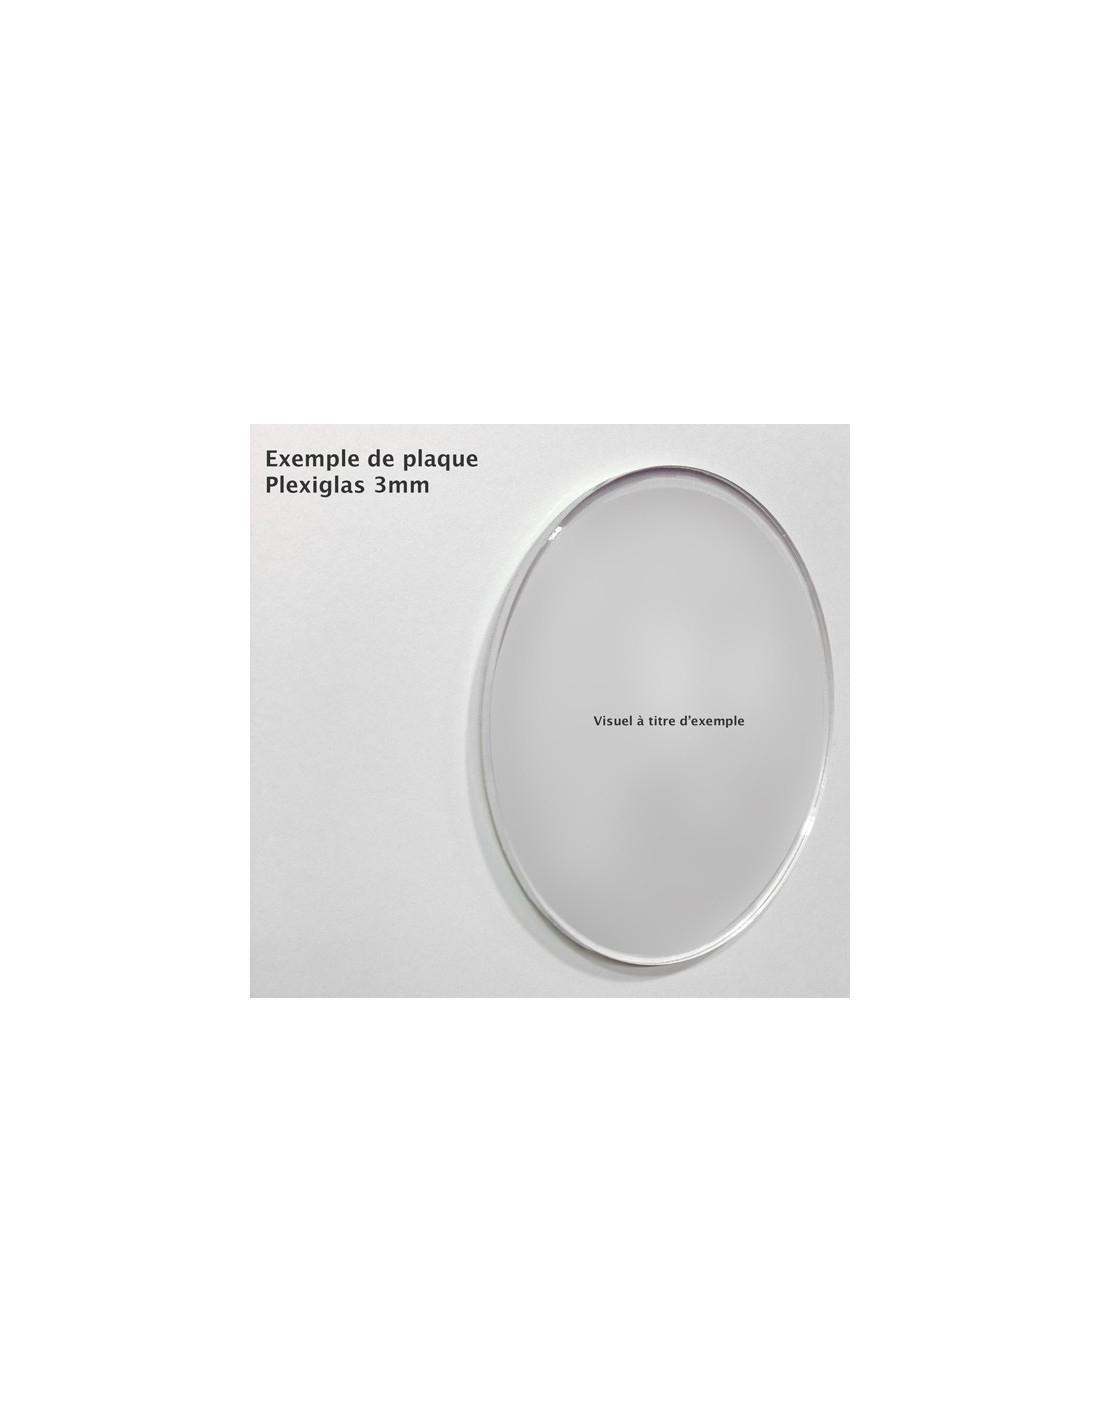 Panneau Toilettes Handicapés (Pmr) - Signalisation De à Toilettes Handicapés Dimensions